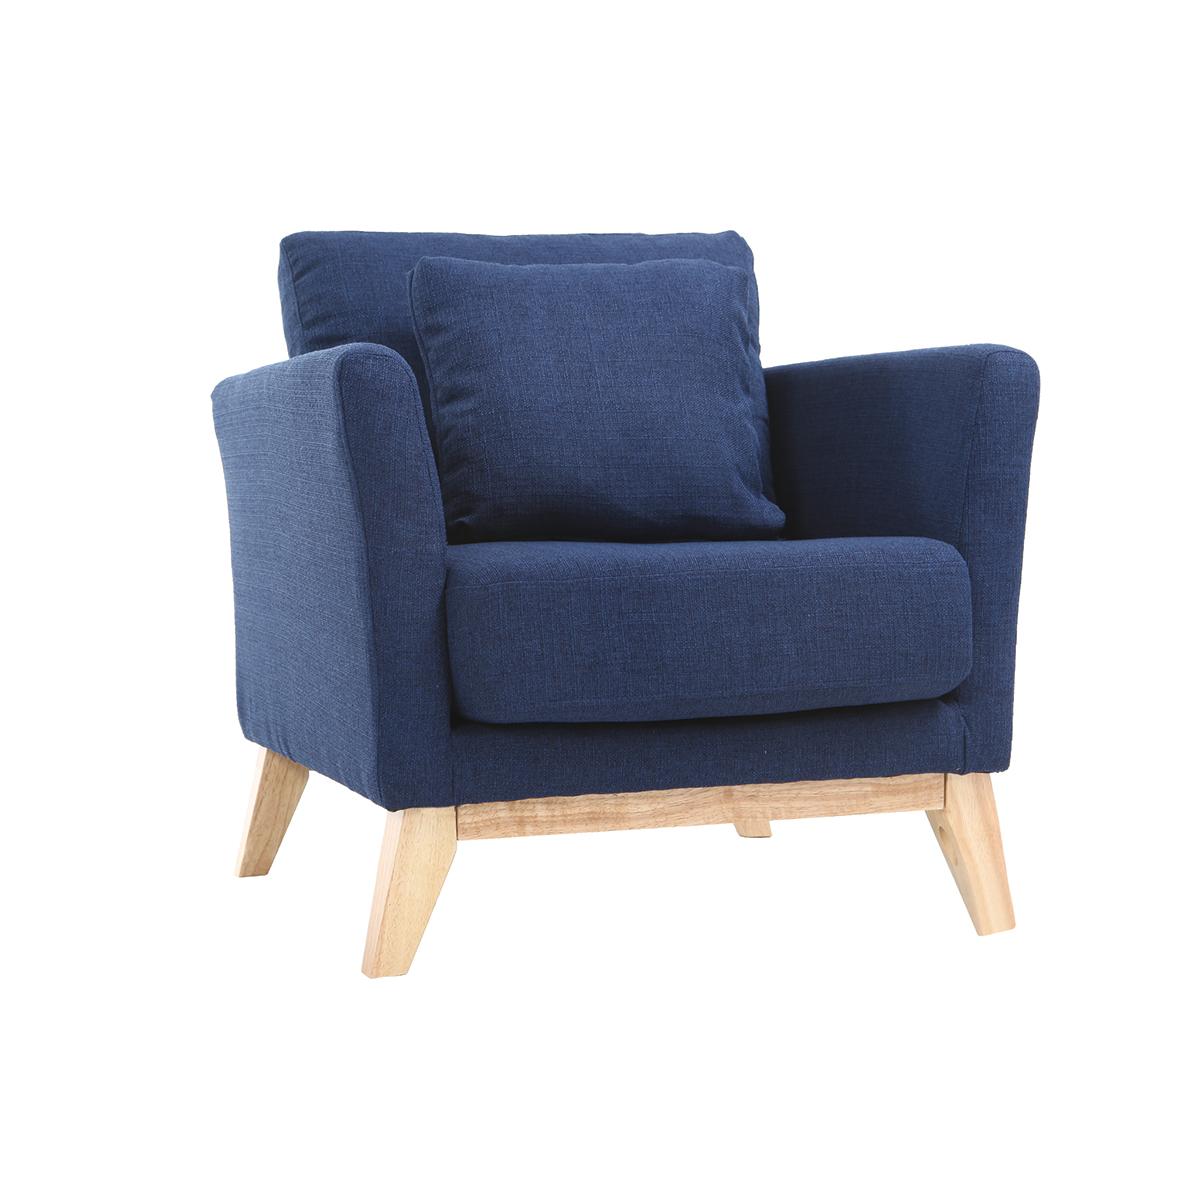 Poltrona scandinava blu scuro piedi in legno chiaro OSLO